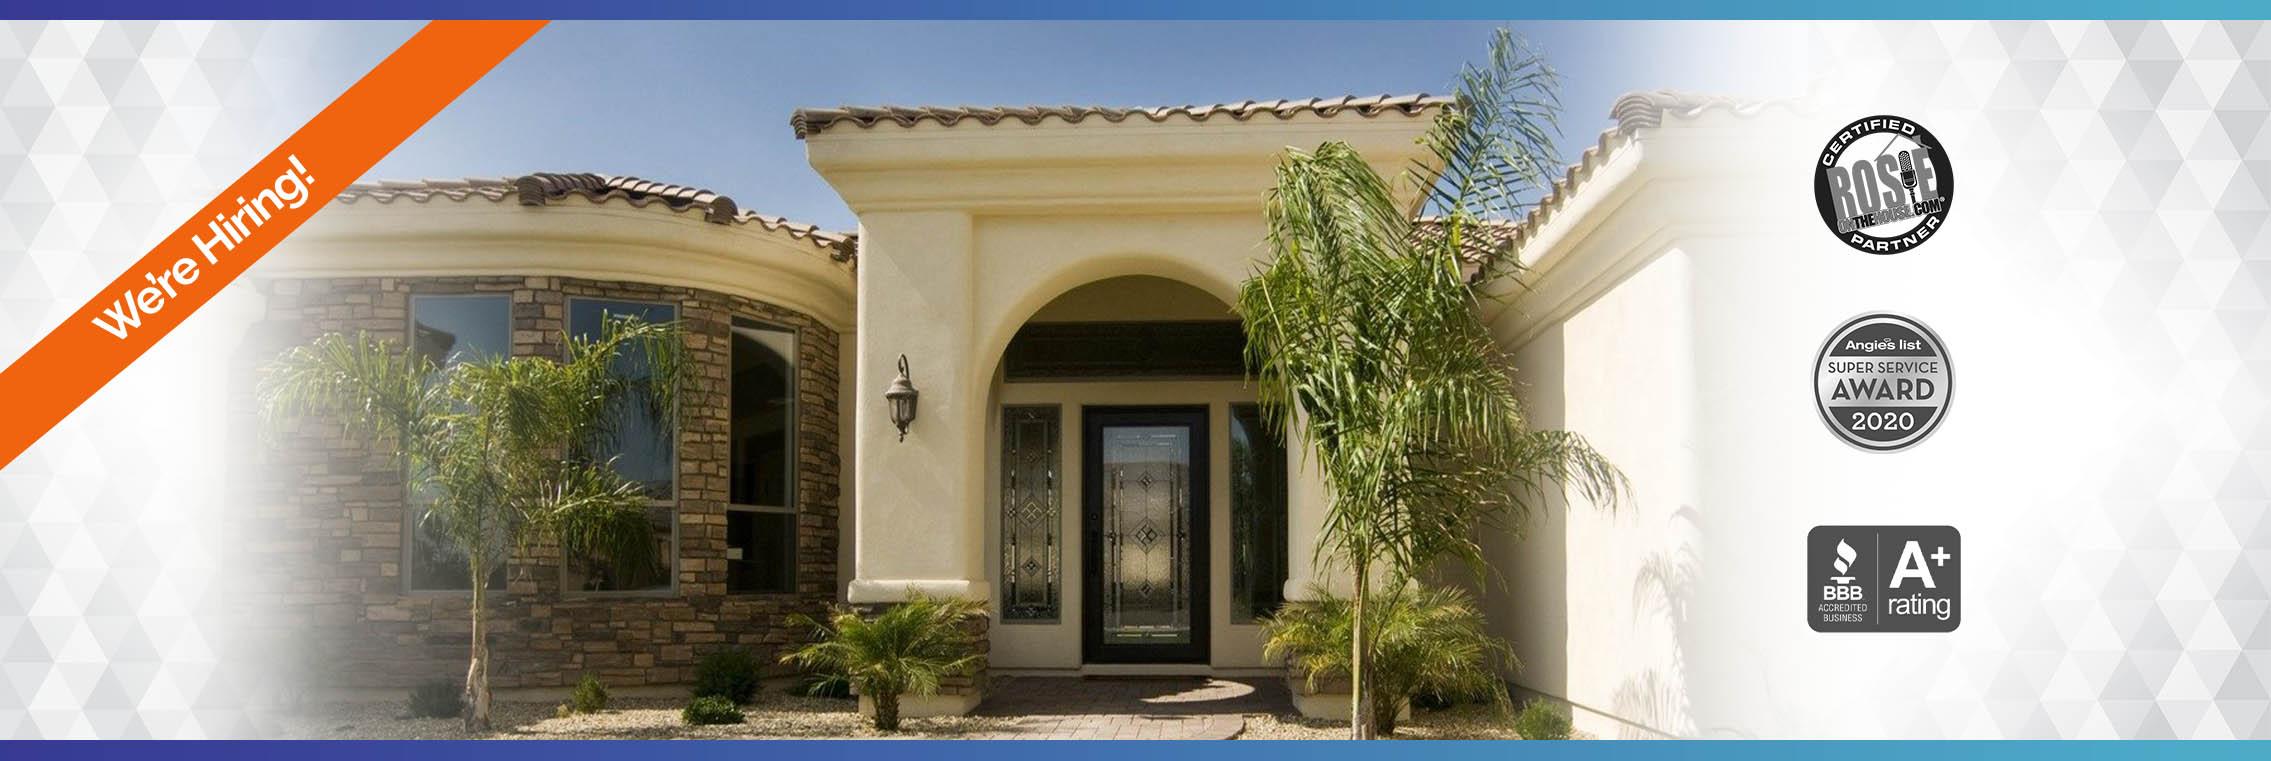 Header image - AZ Window Replacement - DunRite Windows & Doors in Scottsdale, Arizona